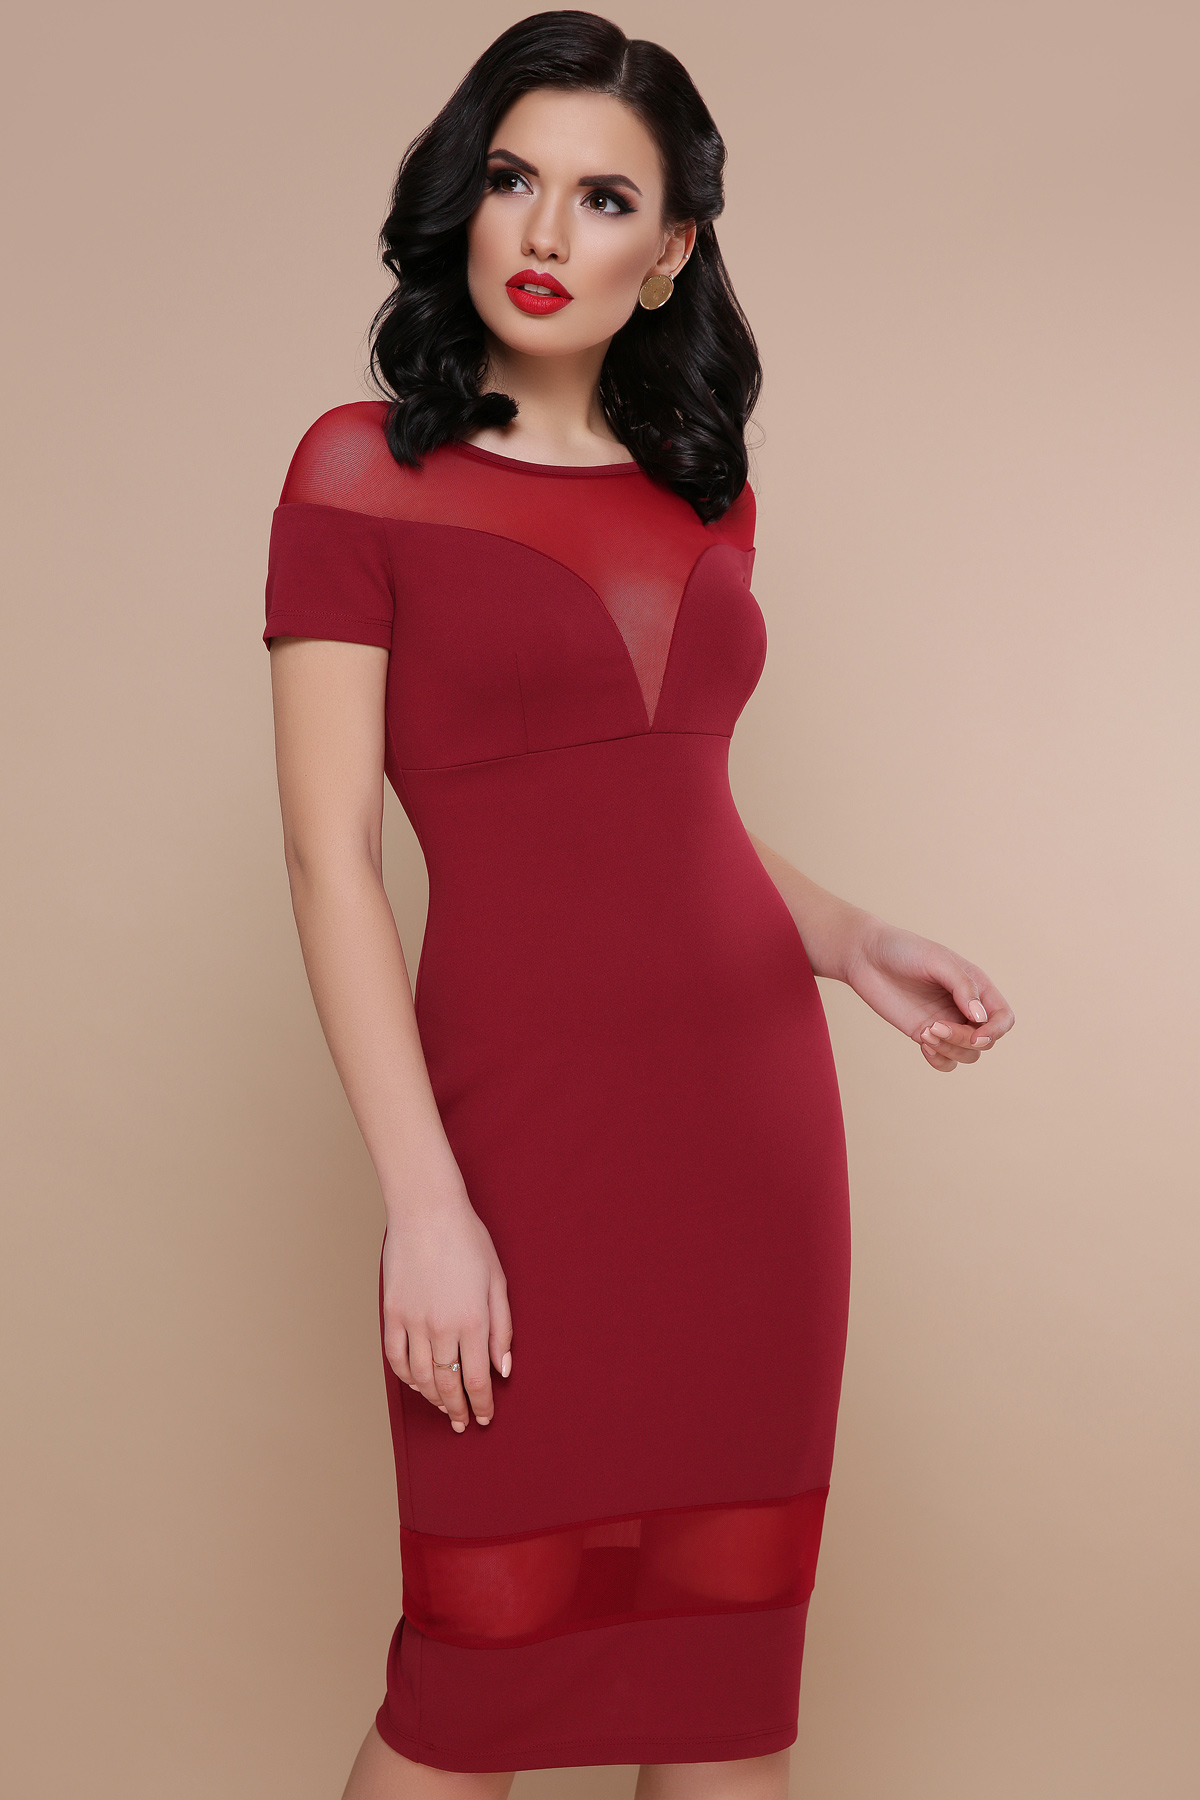 ffbff52e278 Цвет  бордо купить  персиковое платье на вечер. платье Владана 2 к р. Цвет   бордо цена